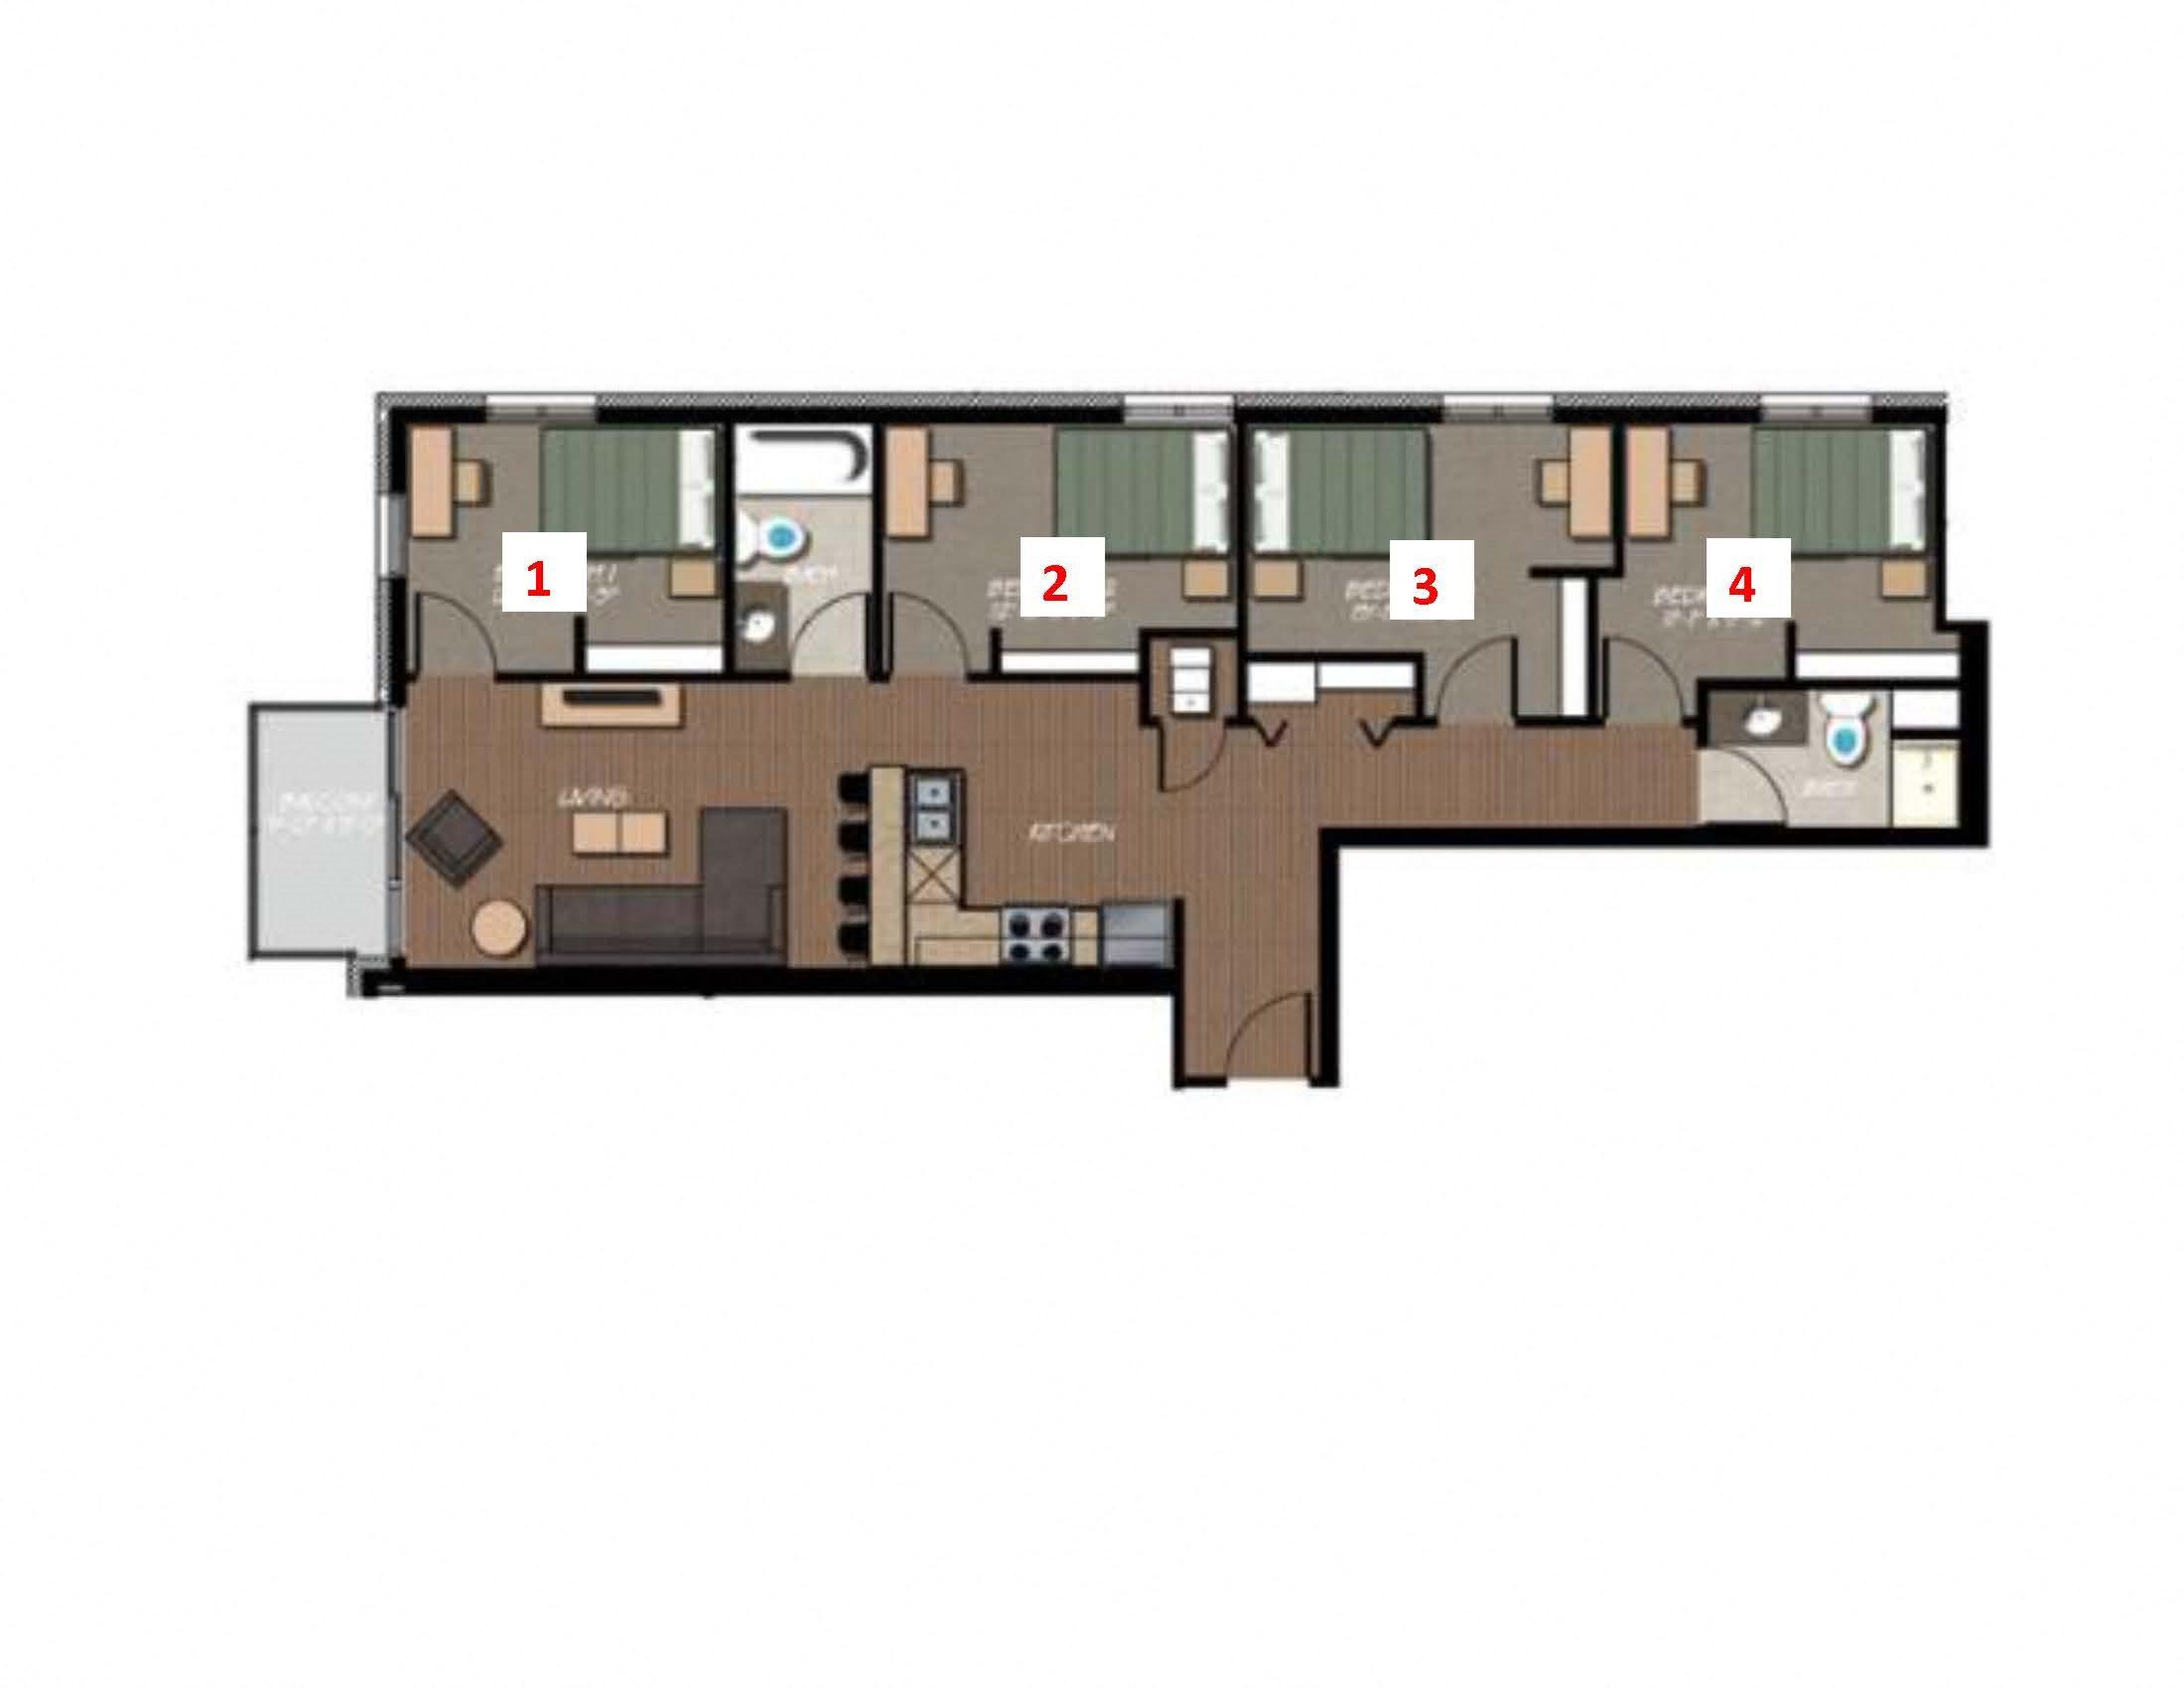 floor plans of 229 lakelawn in madison wi four bedroom ground floor plan 3